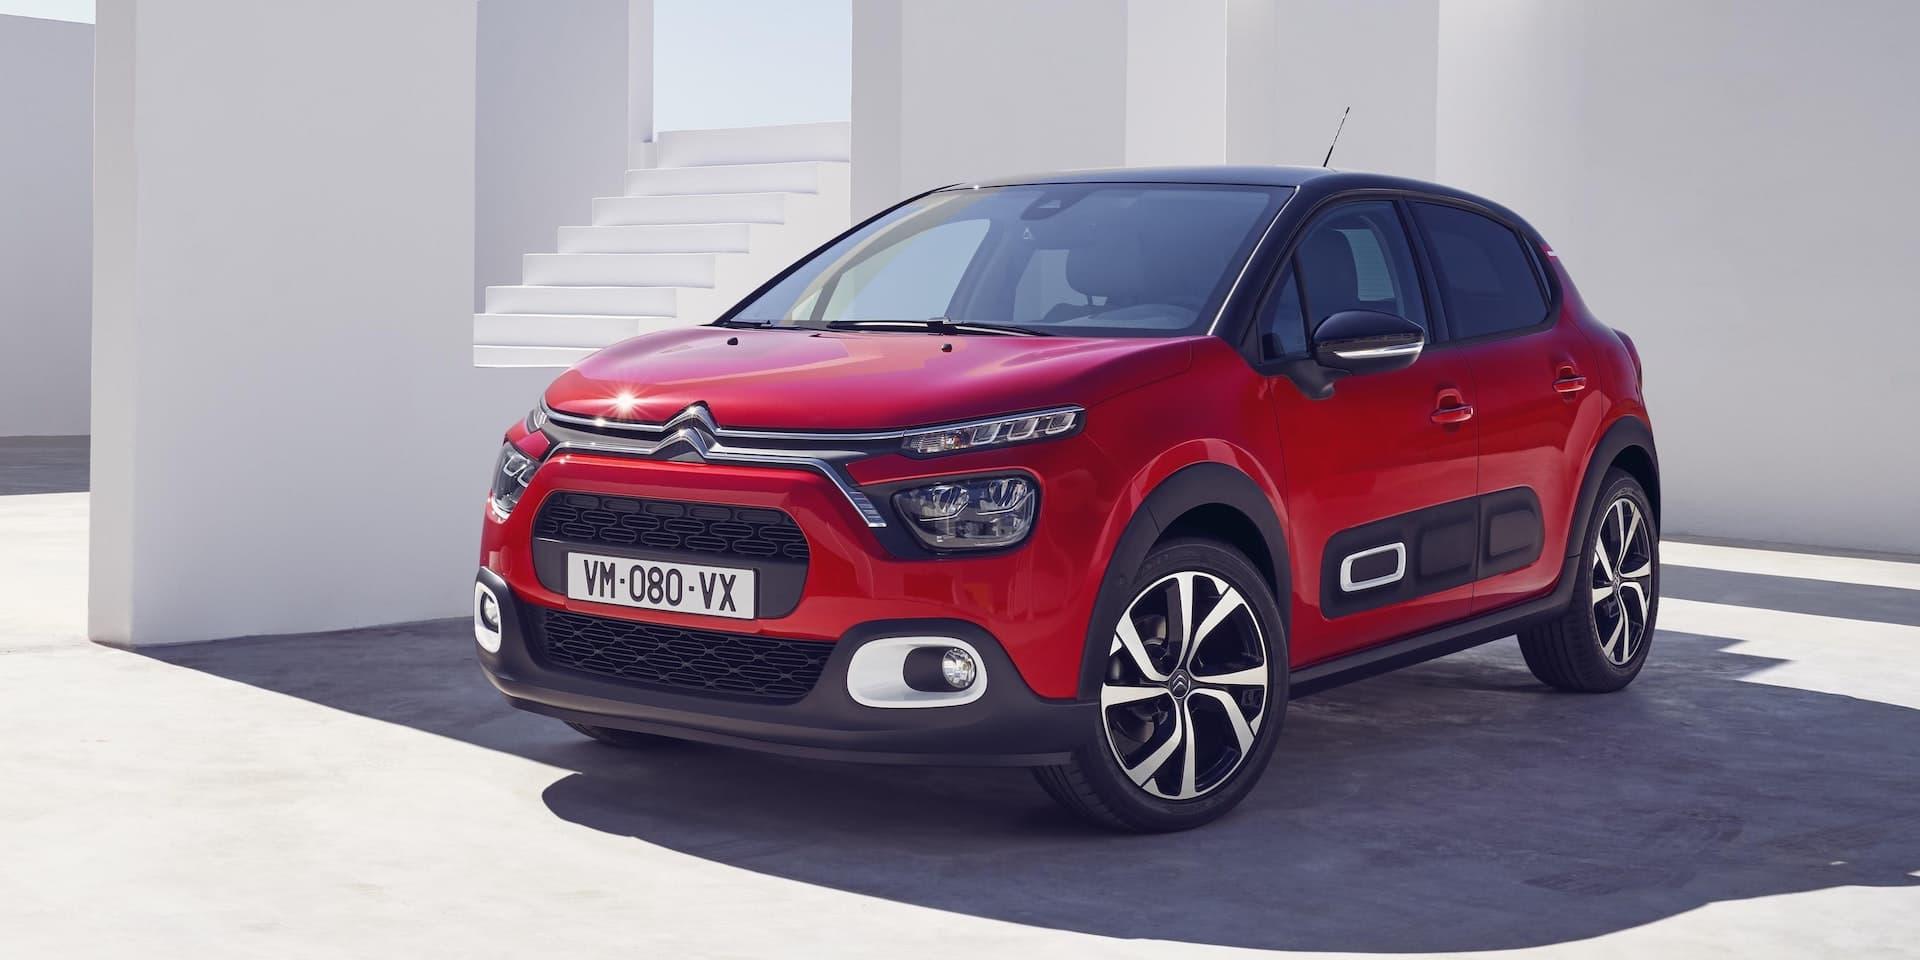 2020 Citroën C3 - front